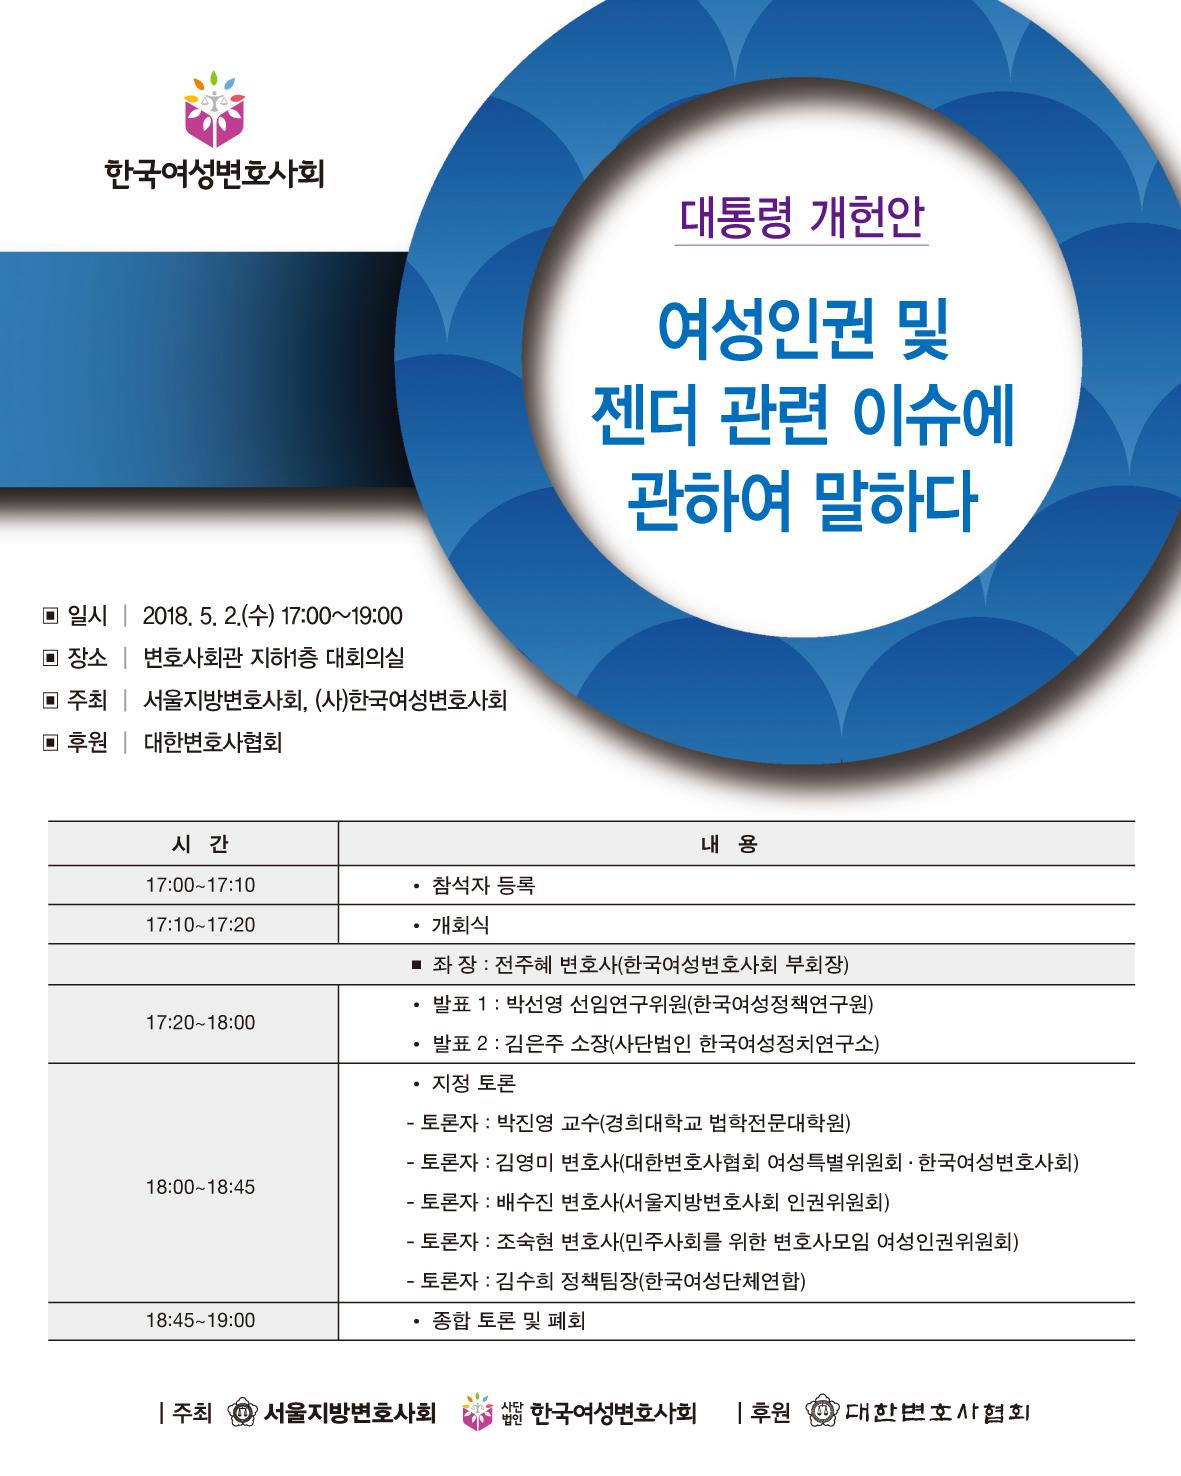 2018-개헌안심포지엄웹자보.jpg